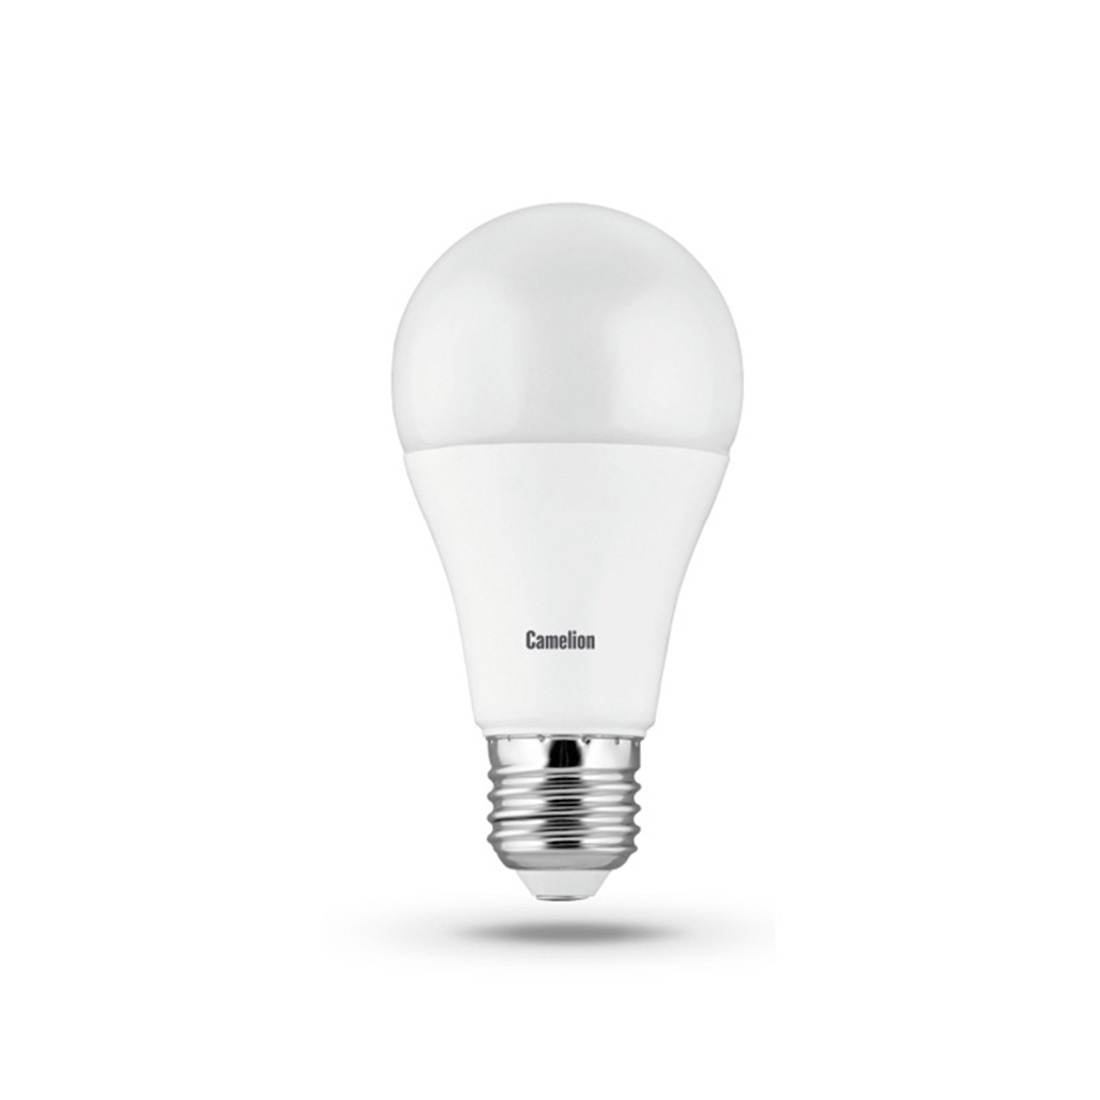 Светодиодная лампа Camelion LED13-A60/845/E27 (холодный свет)